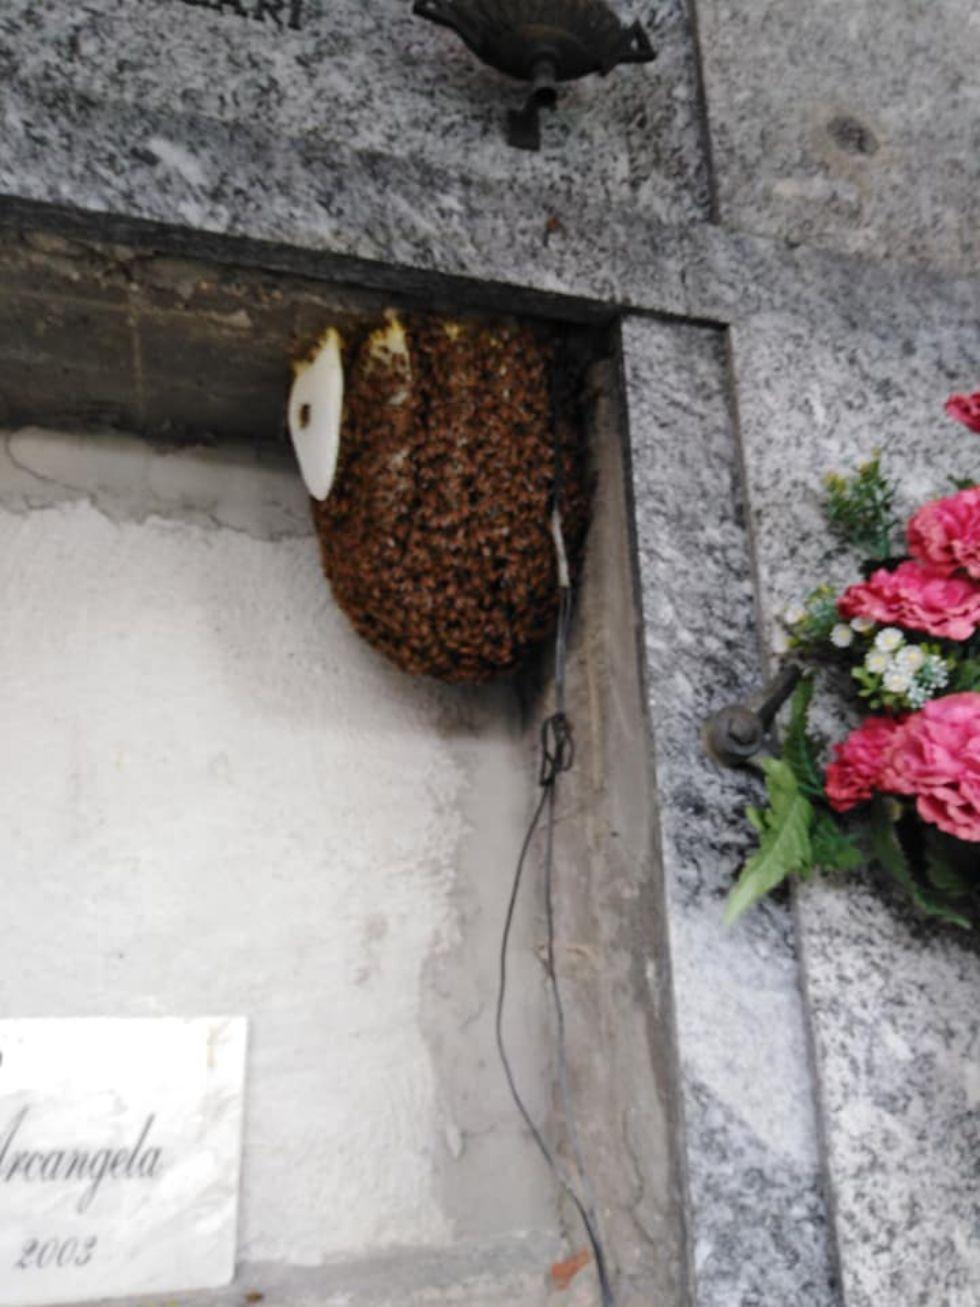 RIVALTA - Le api fanno l'alveare al cimitero e qualcuno tenta di incendiarlo